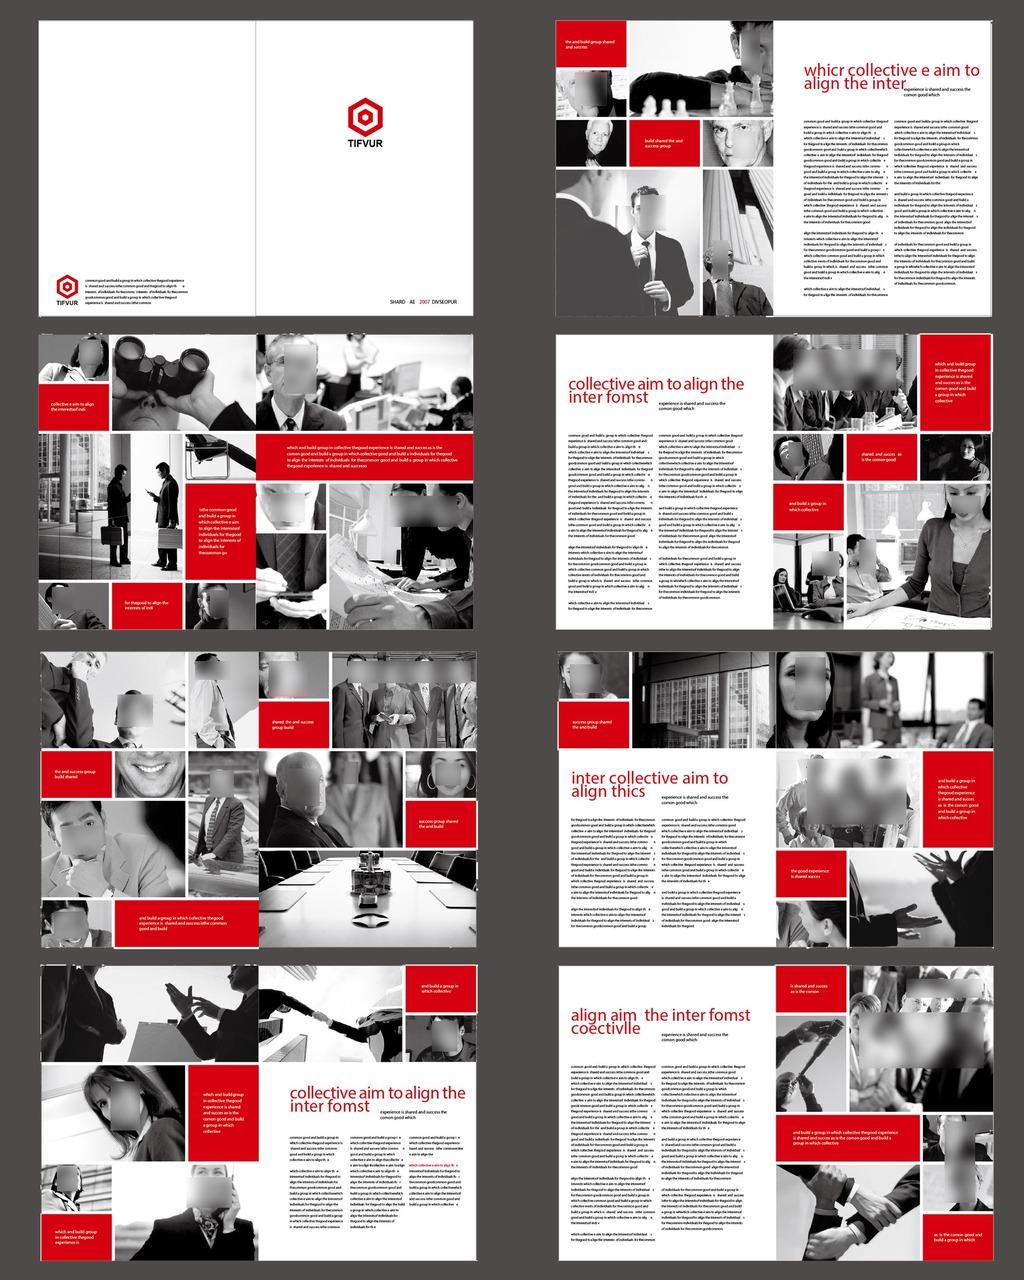 画册排版设计的主题突出方法